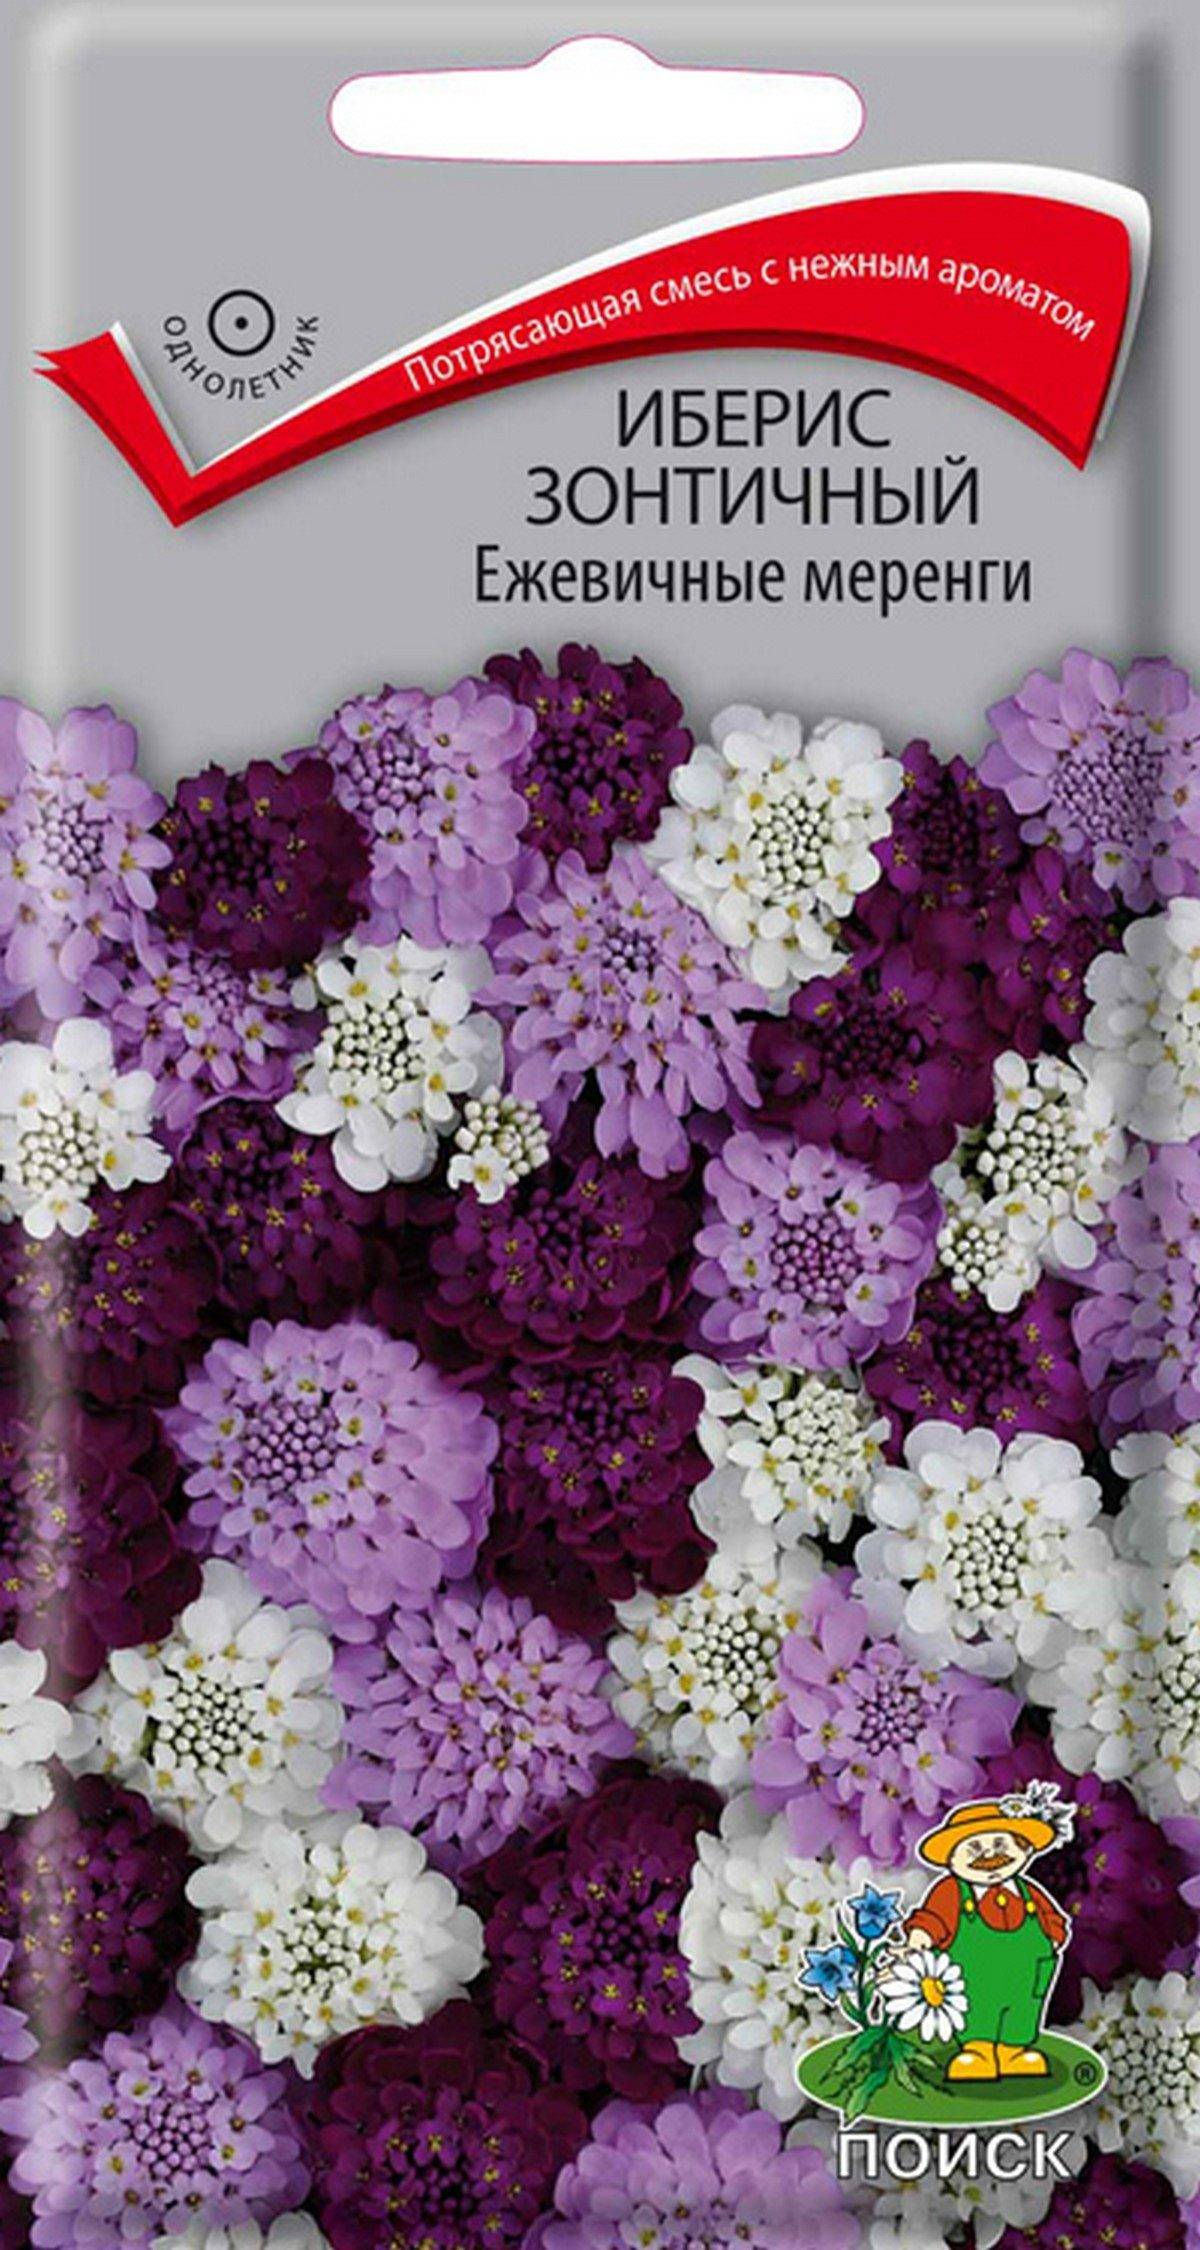 Семена Иберис зонтичный Ежевичные меренги, Смесь, 0,1 г Поиск